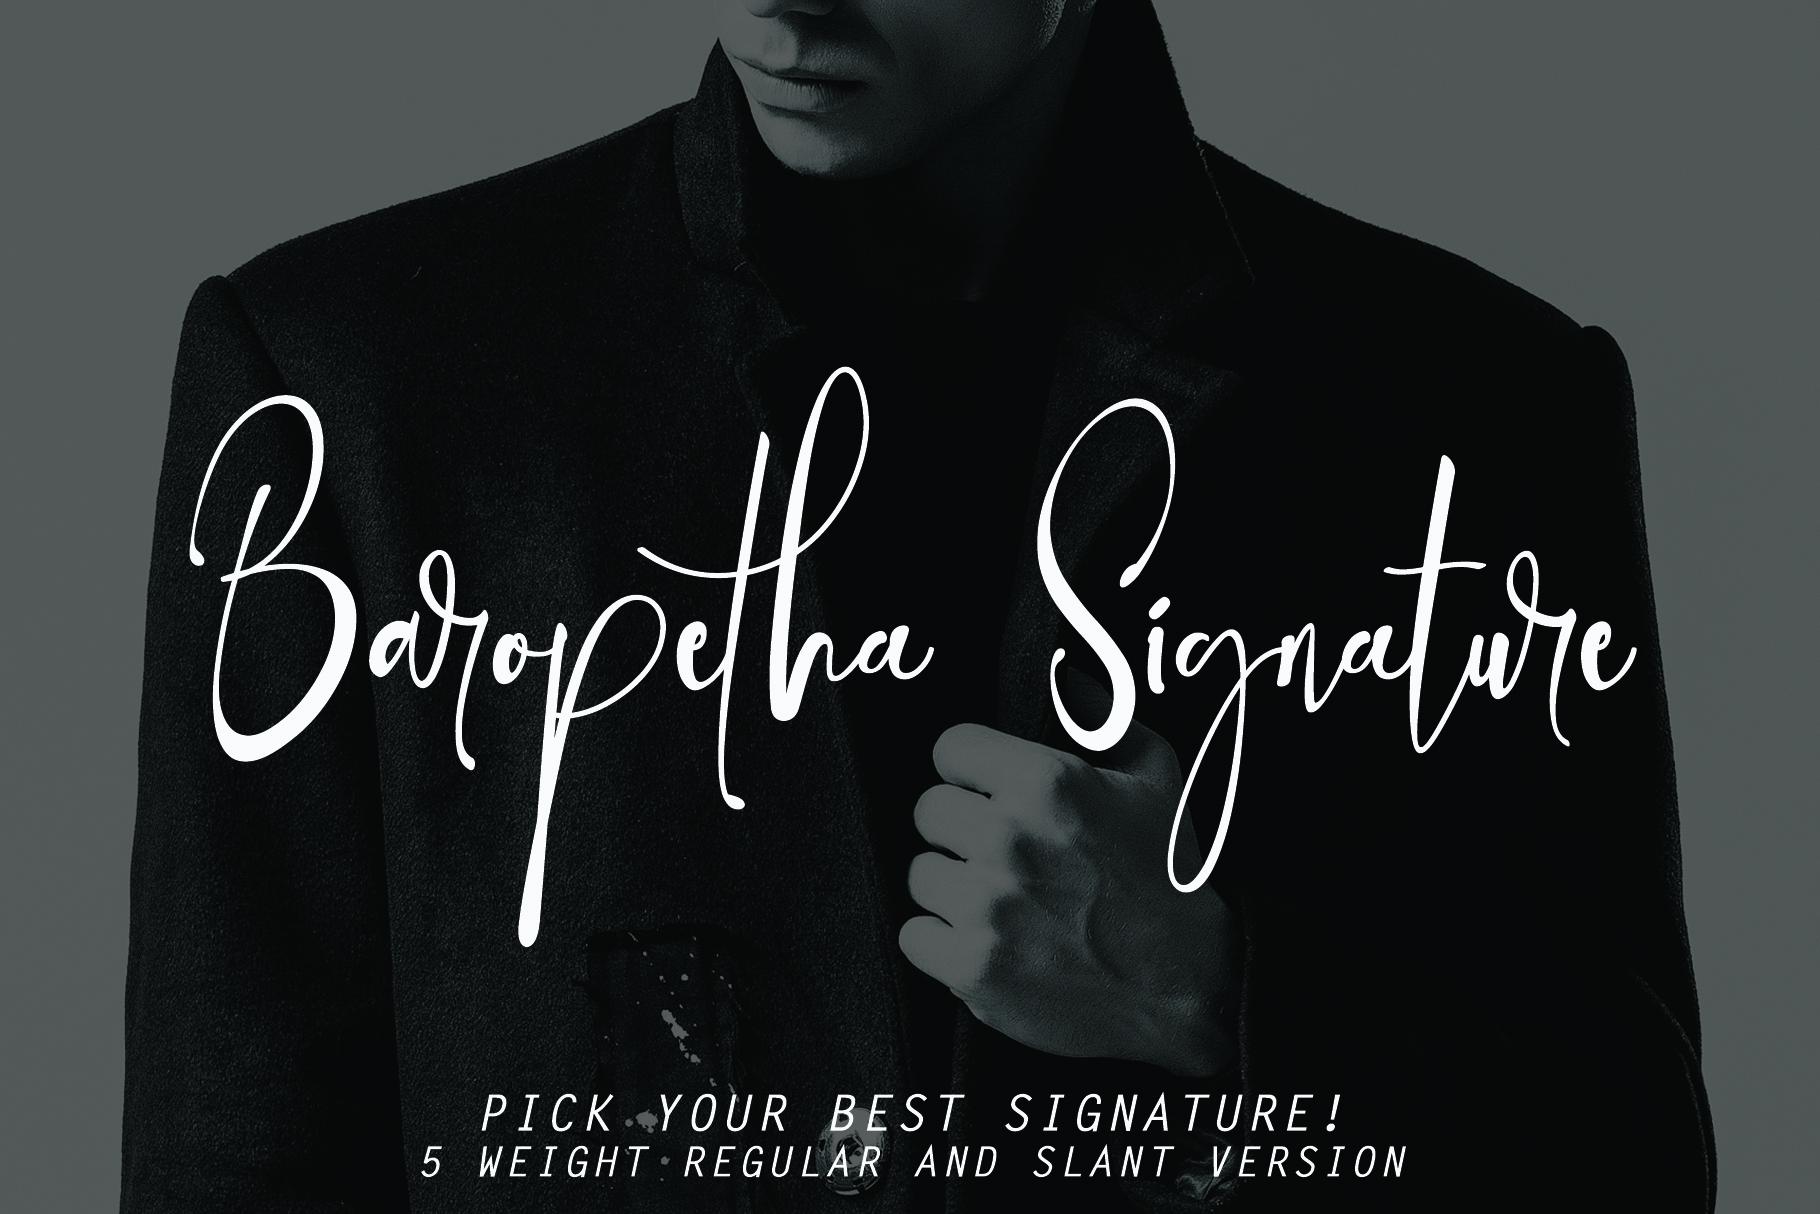 Baropetha Signature - 5 Weight Signature example image 9